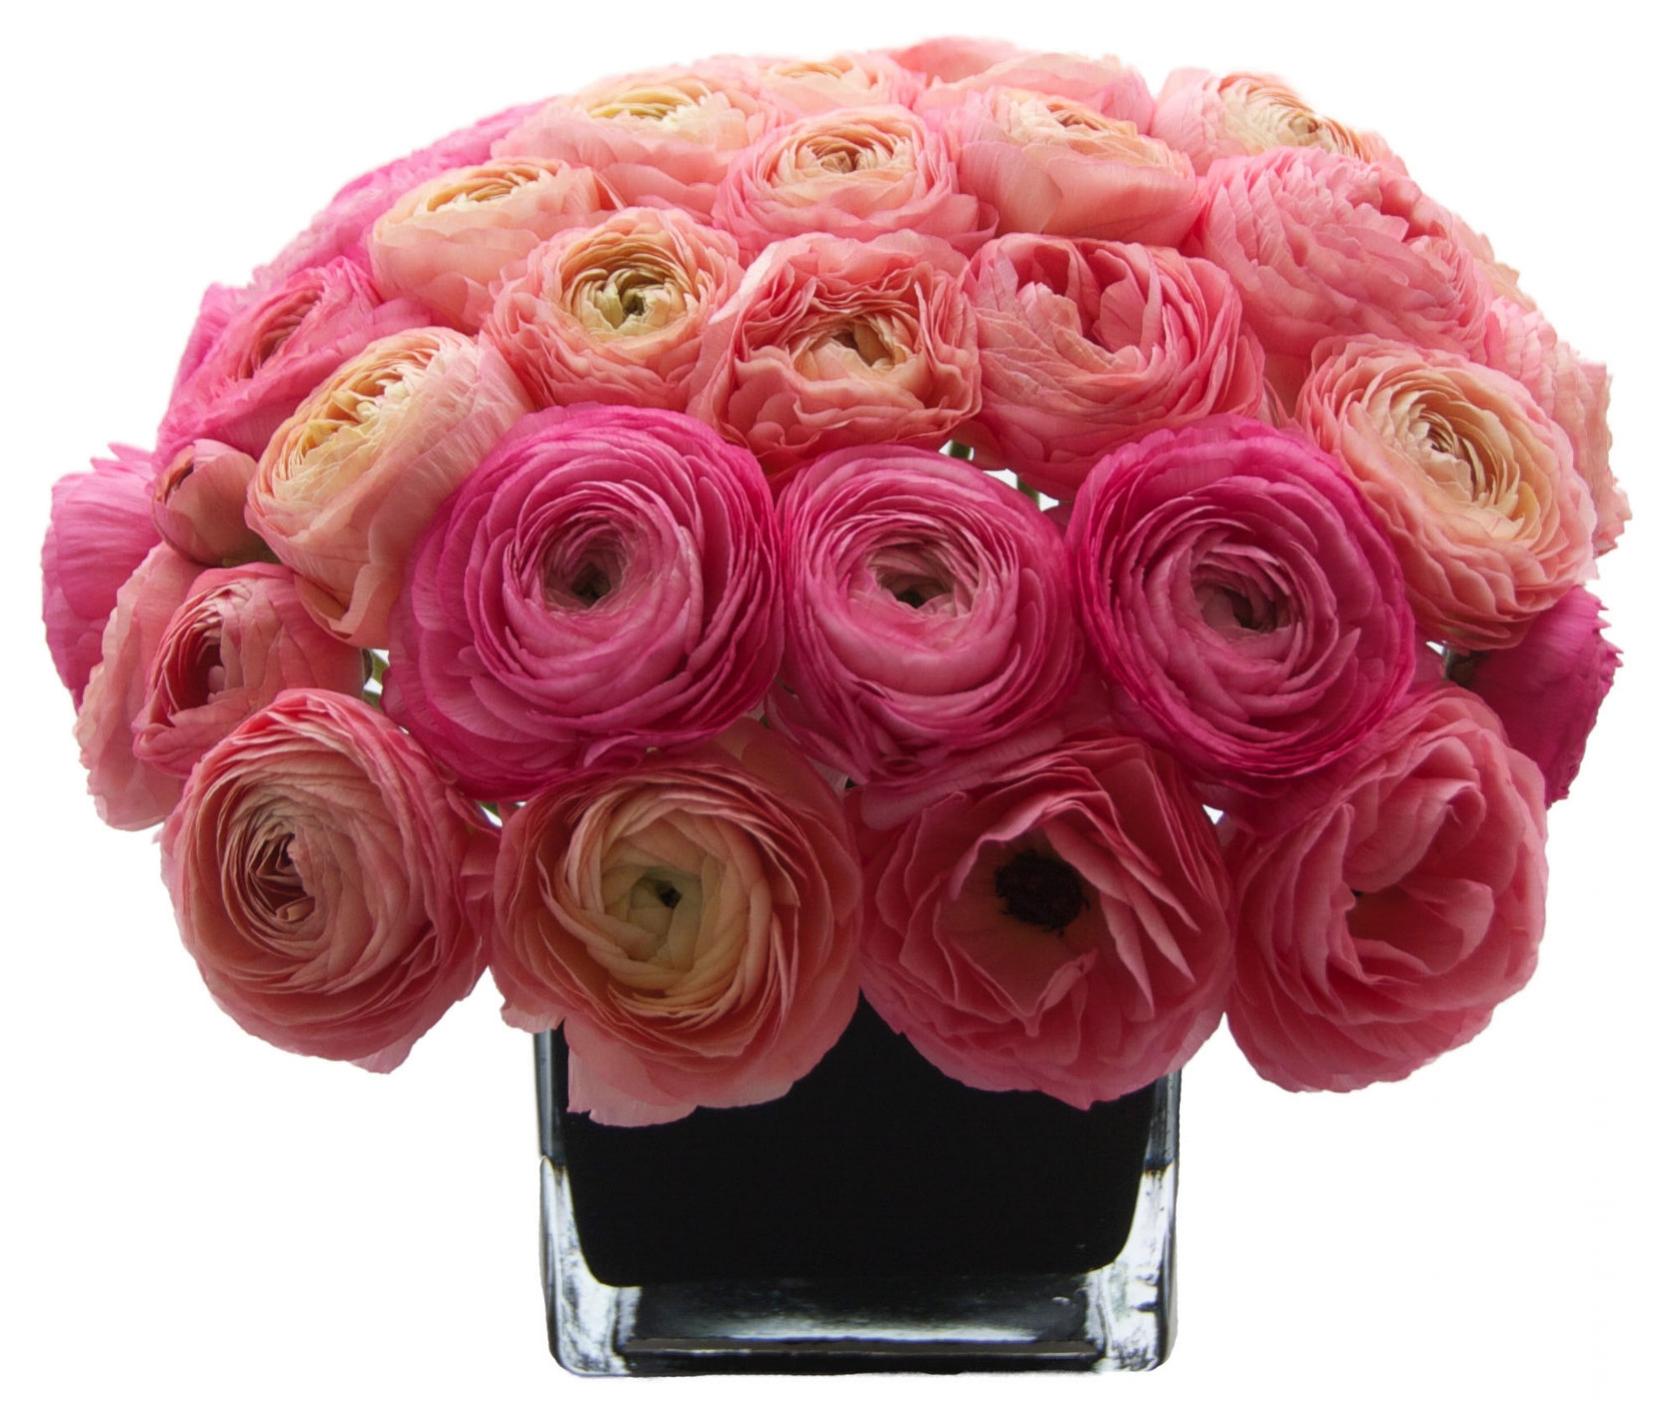 Pink Ranunculus starts at $250